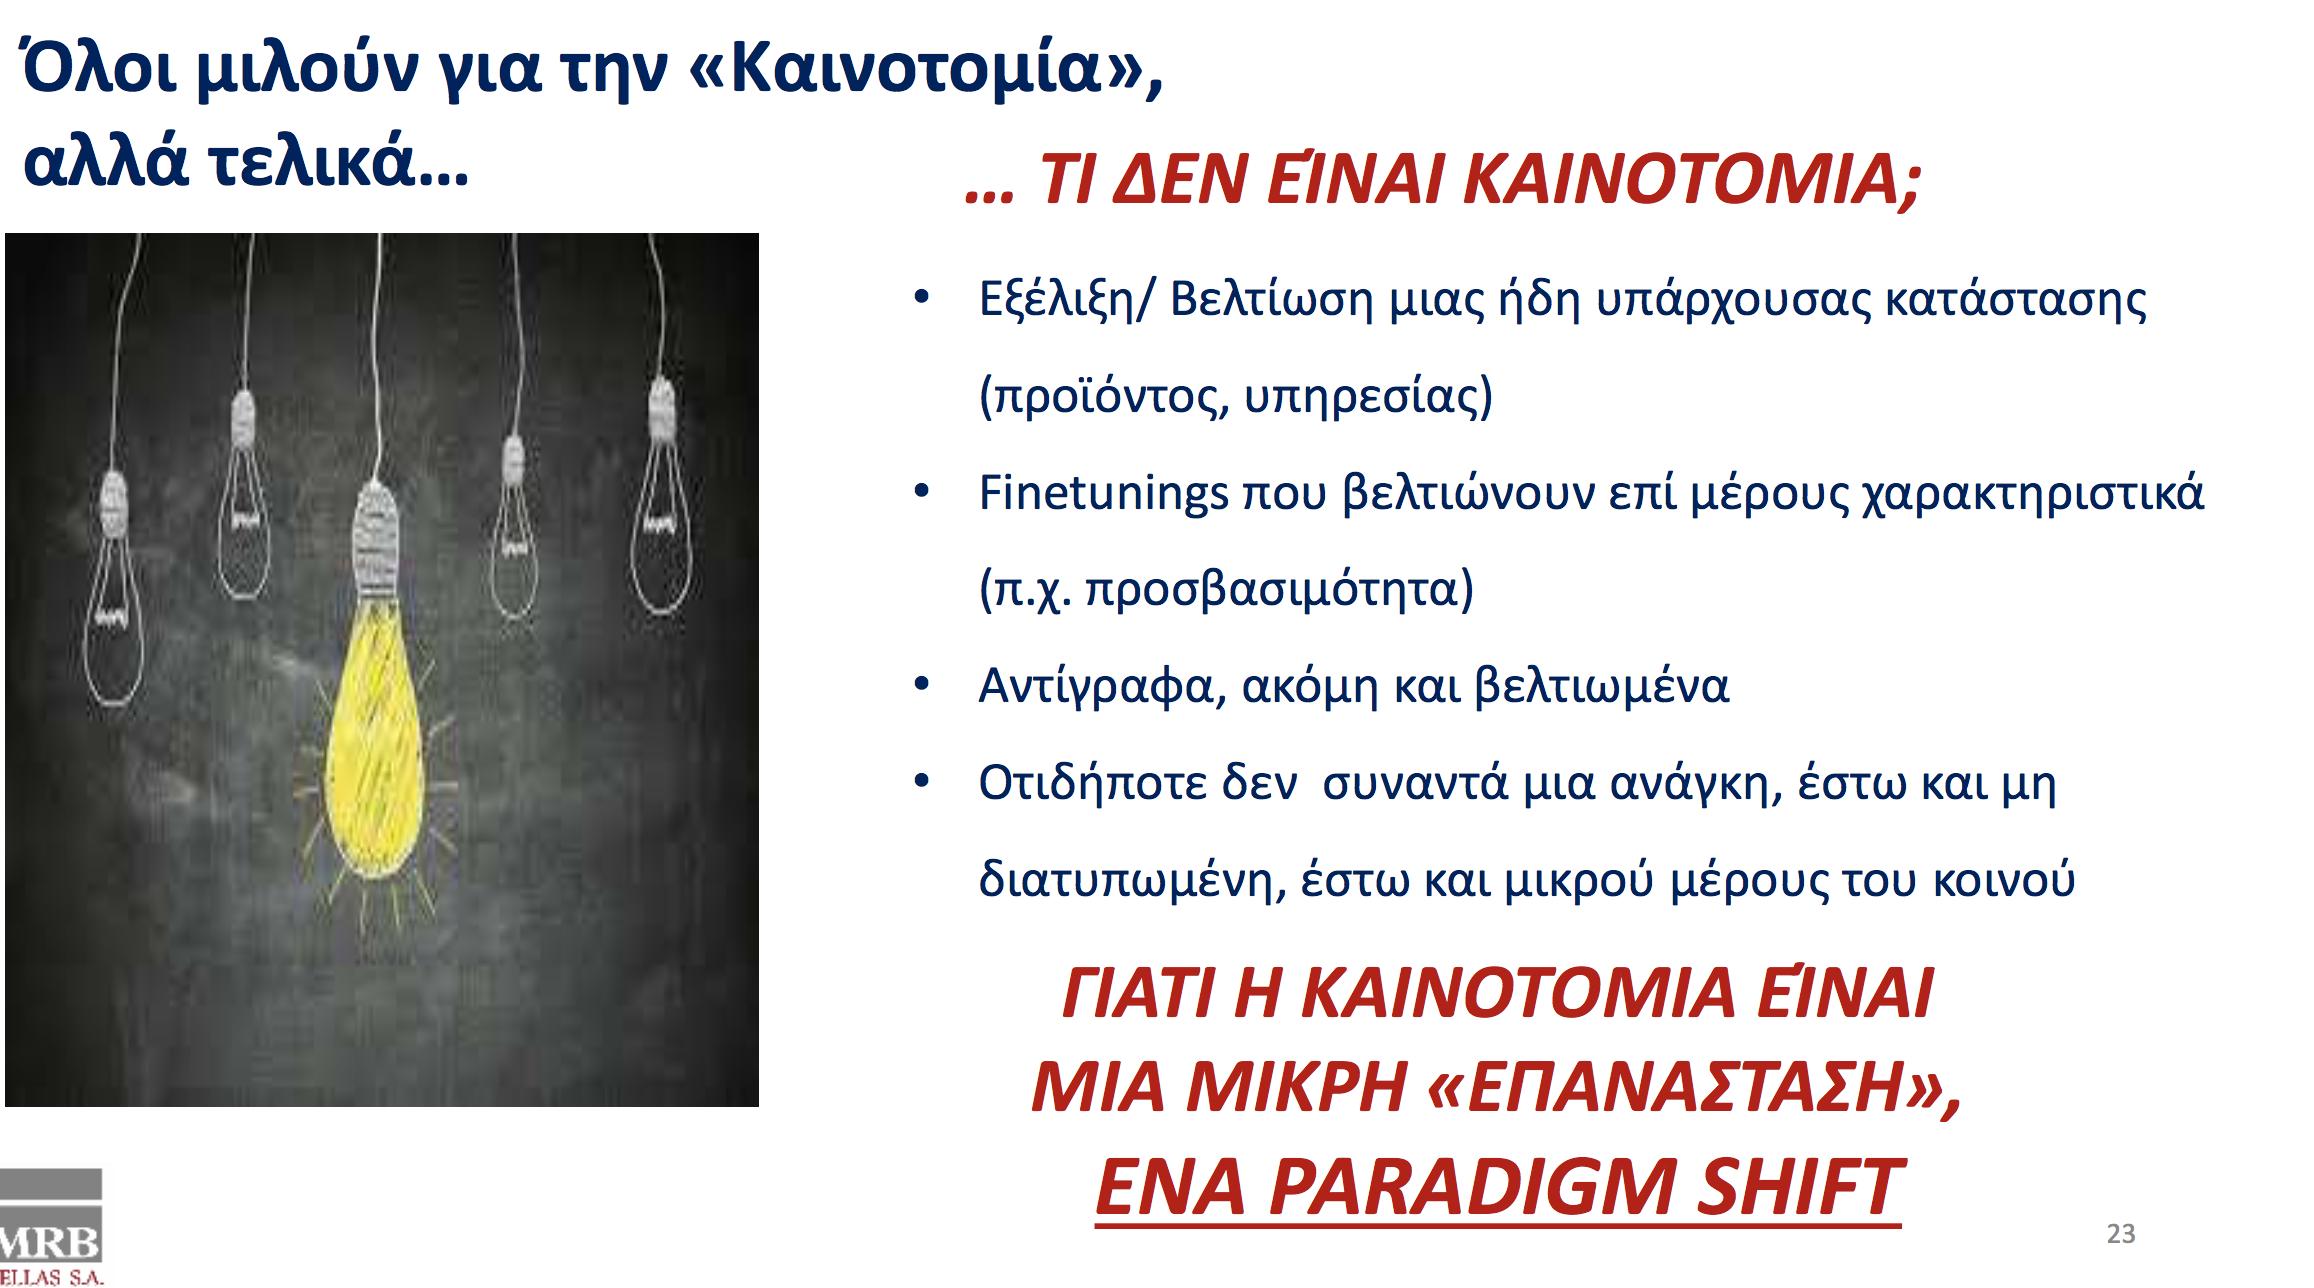 MRB KAINOTOMIA